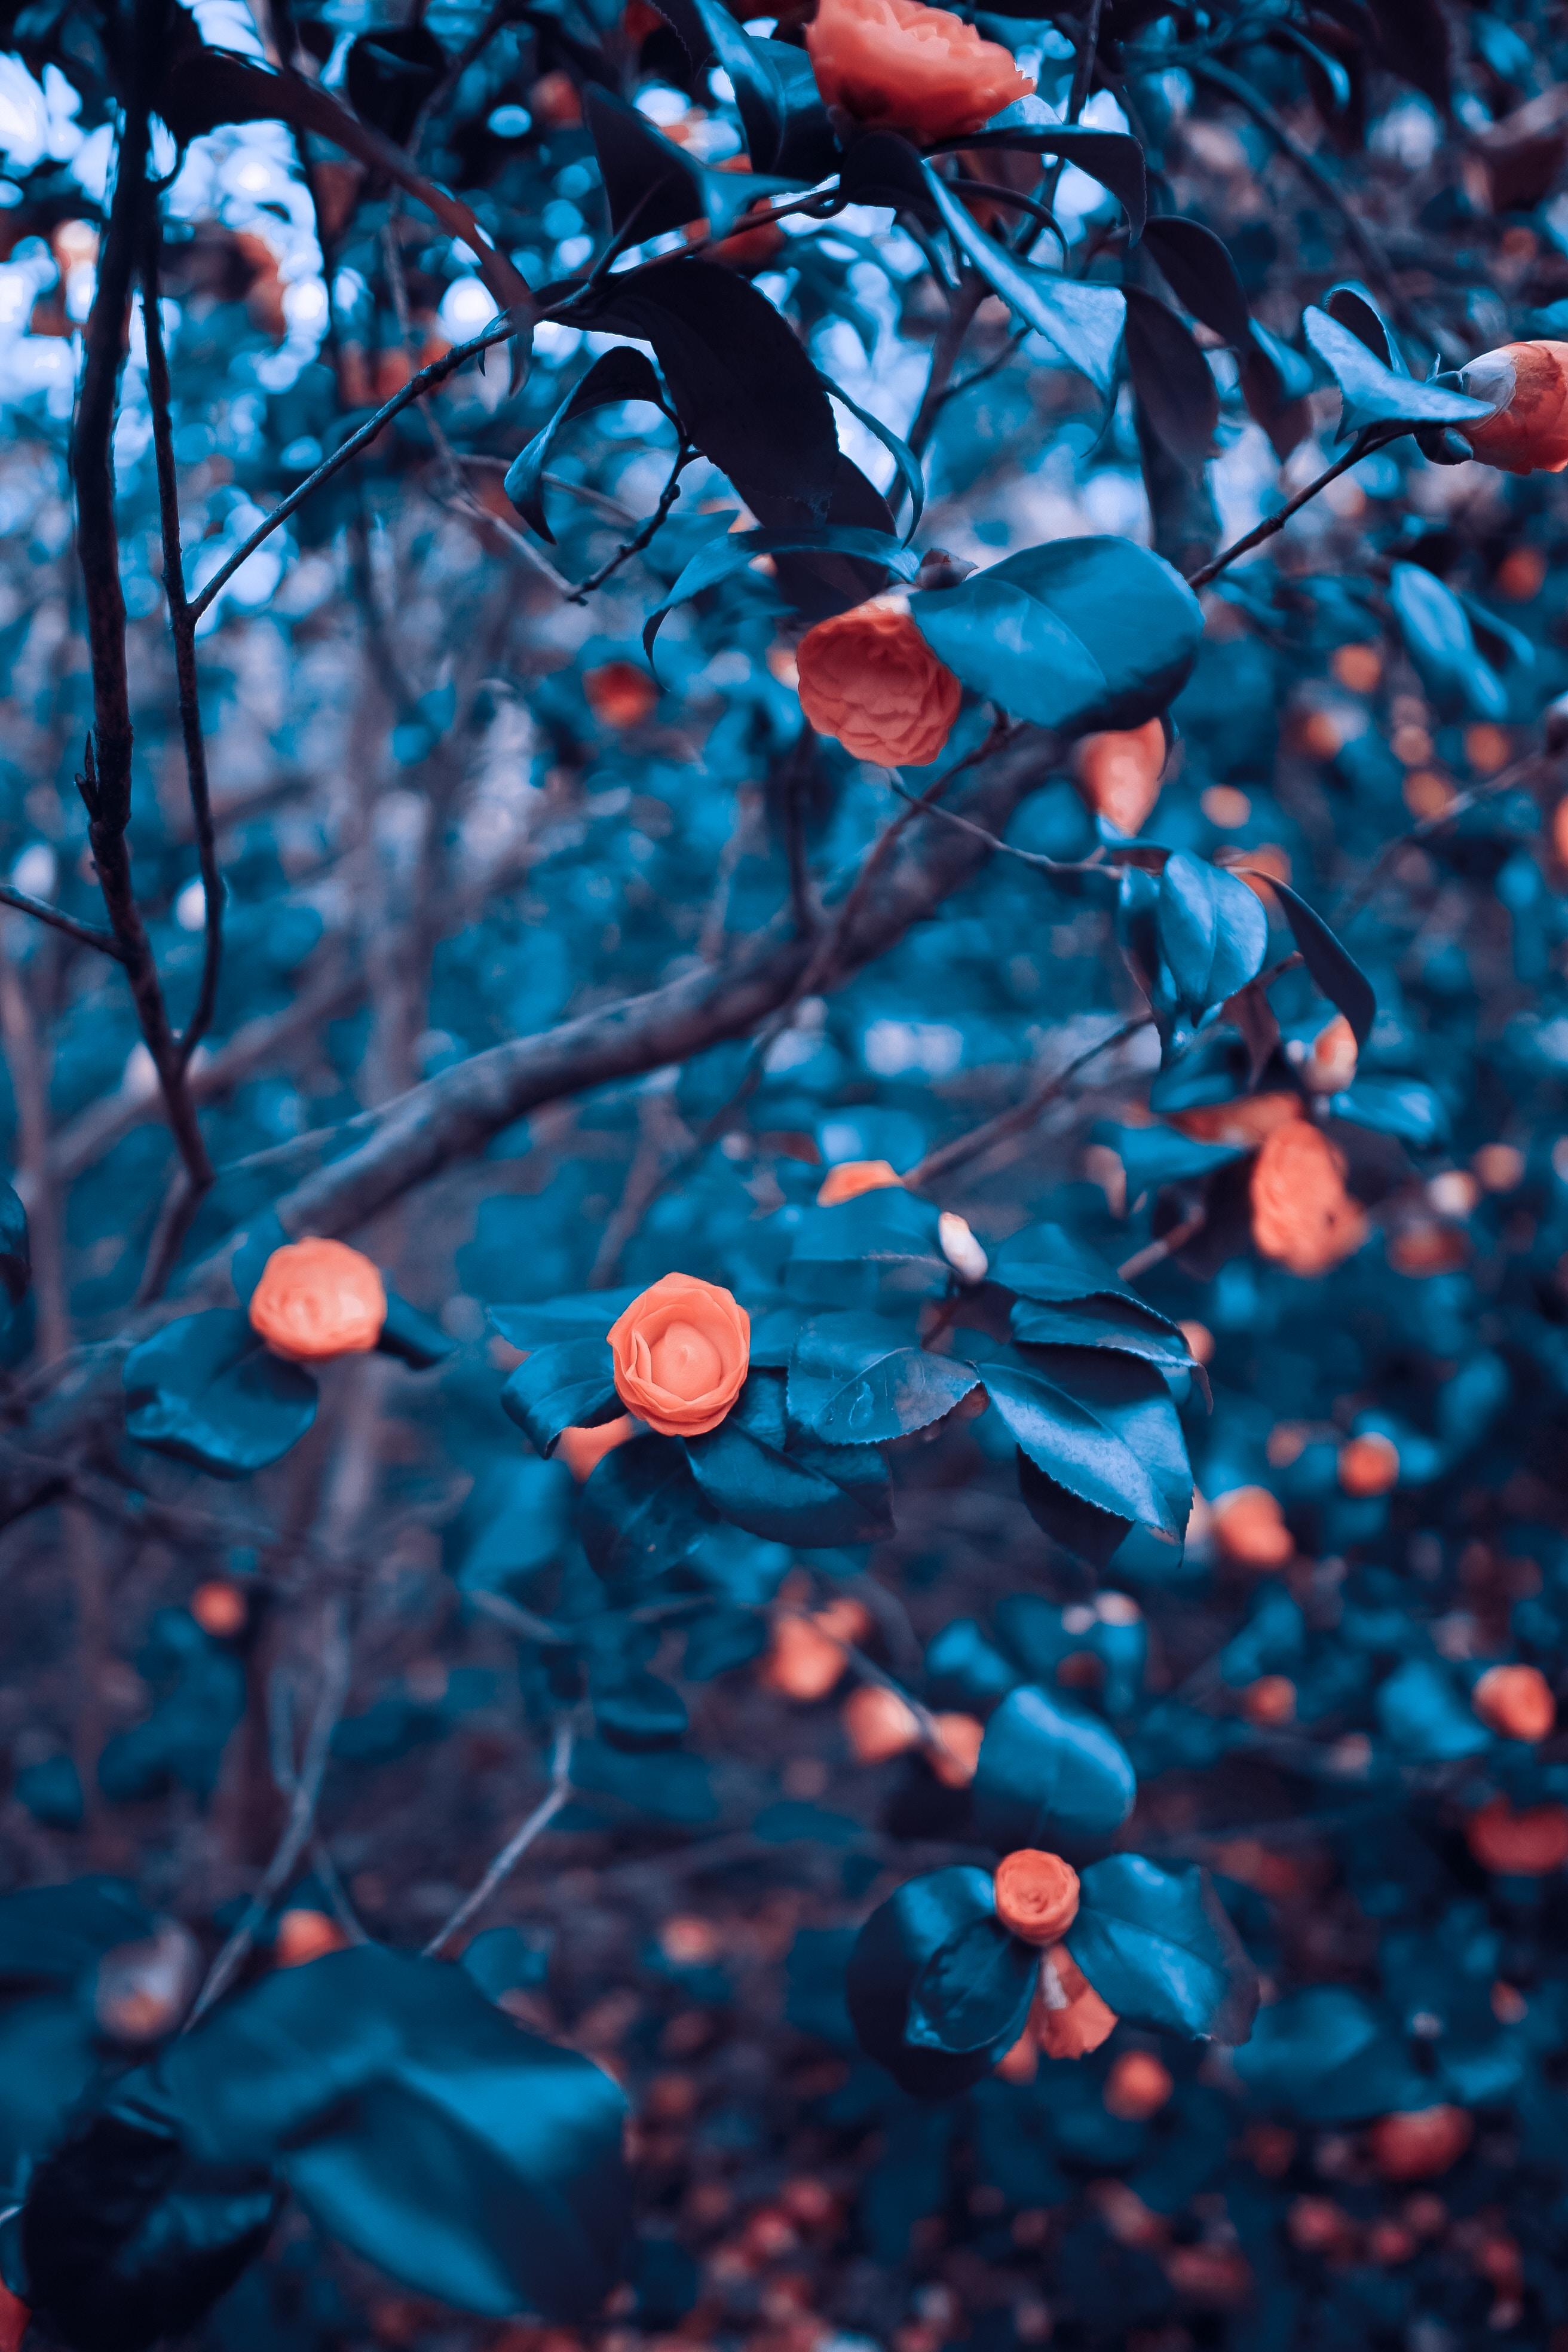 97093 Hintergrundbild herunterladen Blumen, Roses, Bush, Holz, Baum, Unschärfe, Glatt, Busch, Garten - Bildschirmschoner und Bilder kostenlos